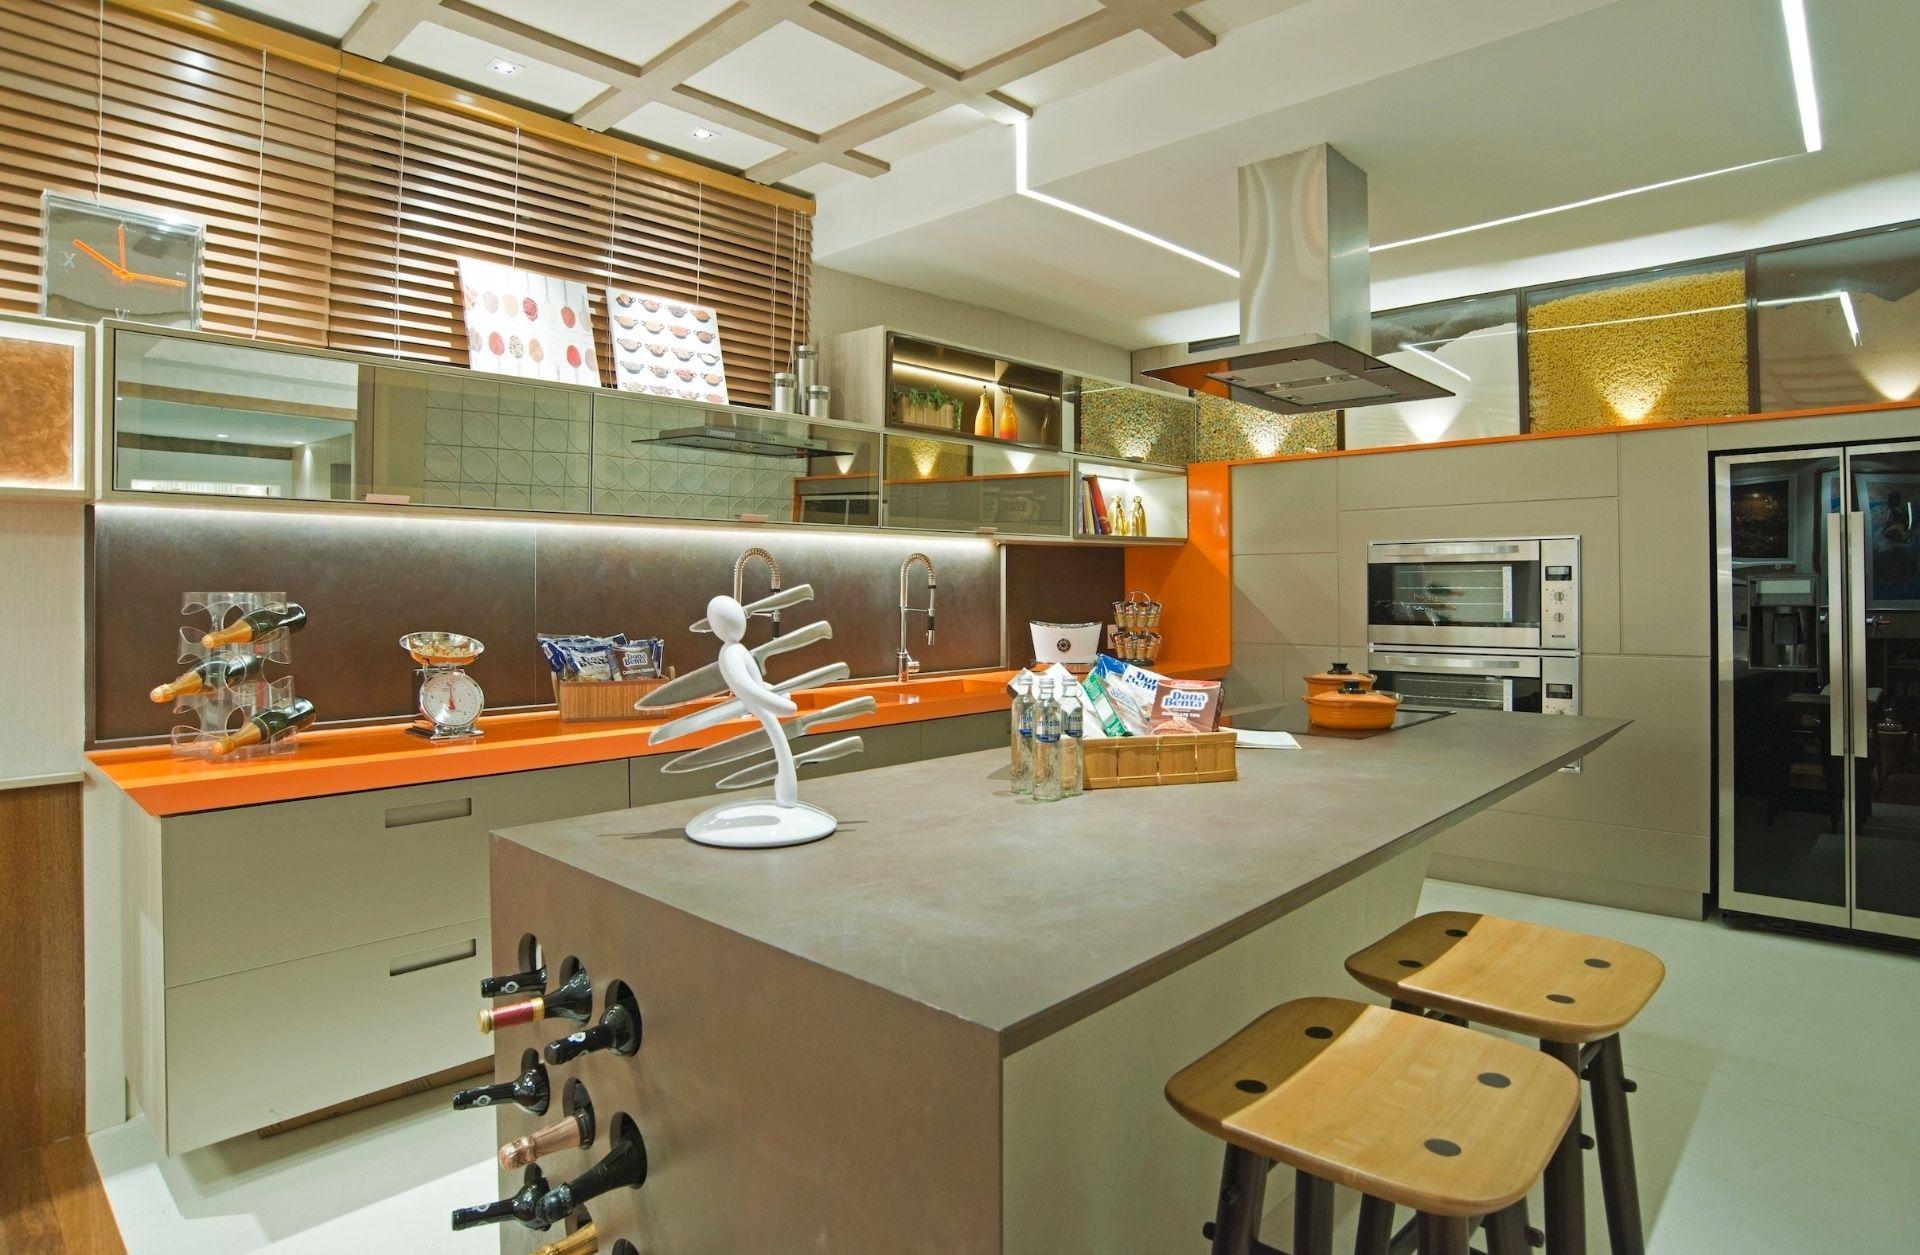 Cozinha Americana Simples Decorada Good Cozinha Americana With